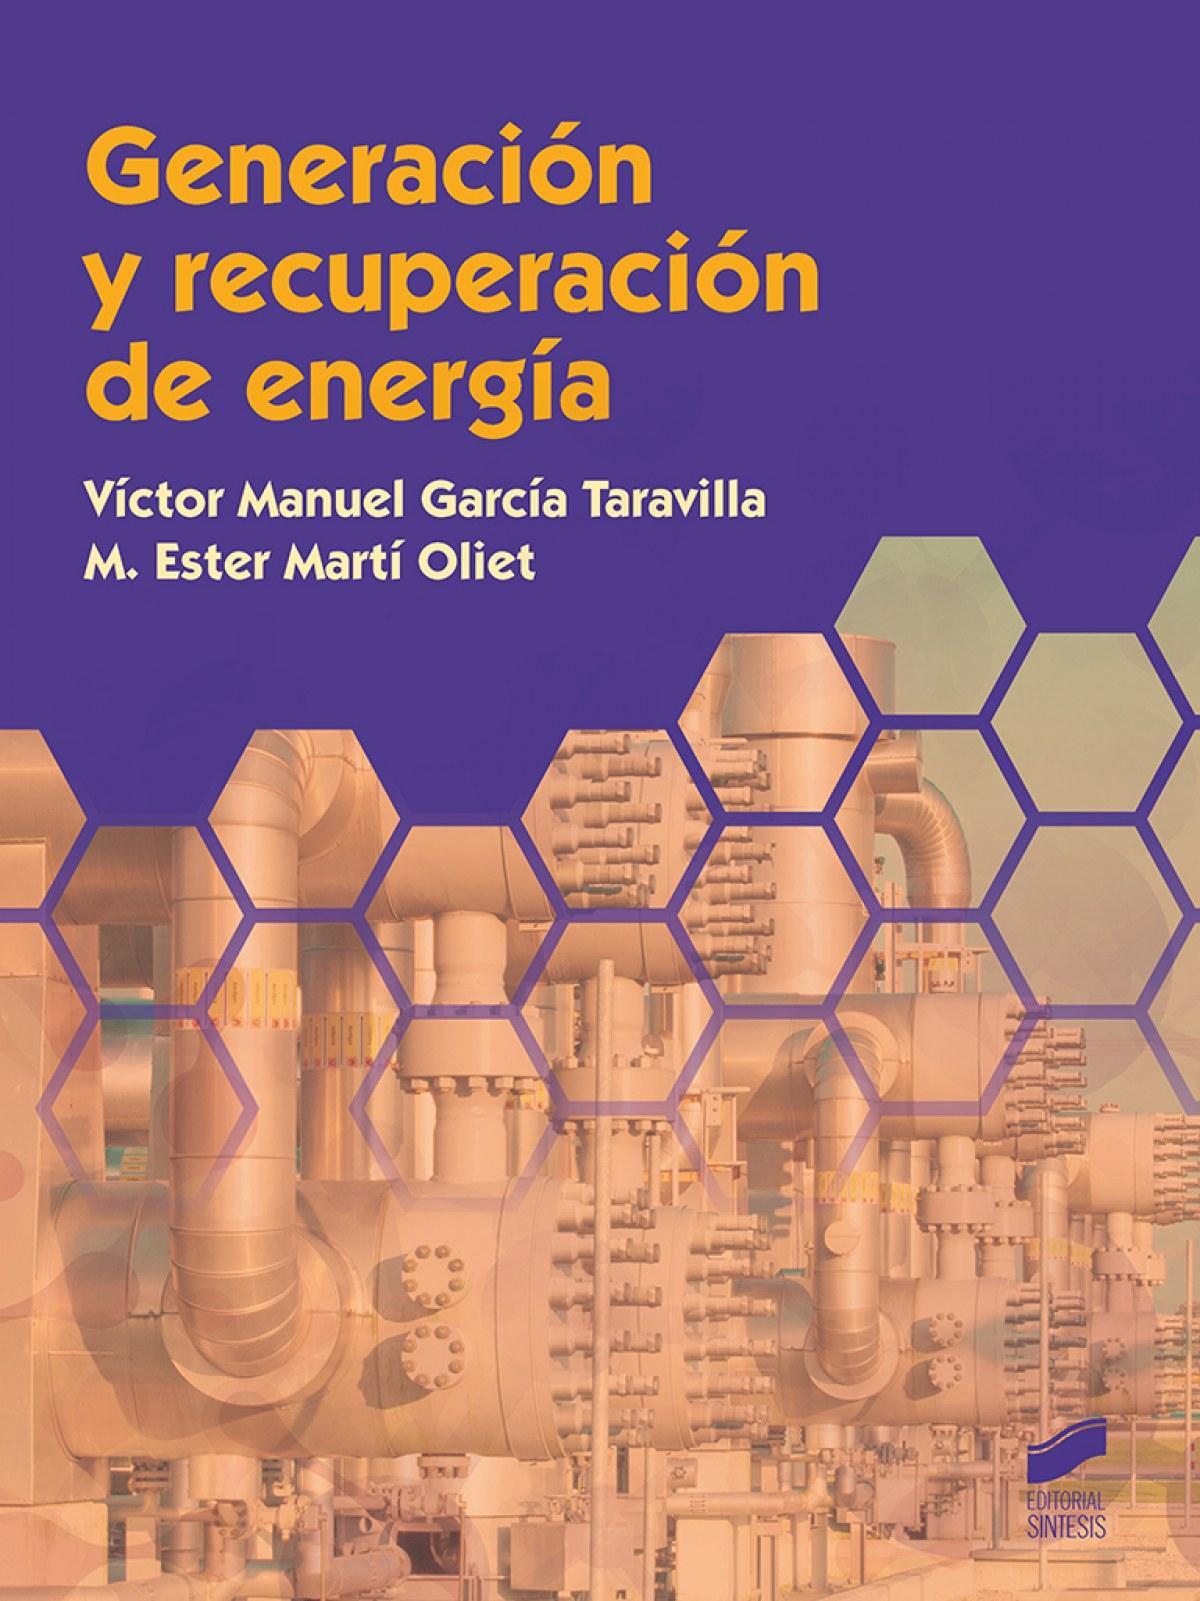 Generación y recuperación de energía